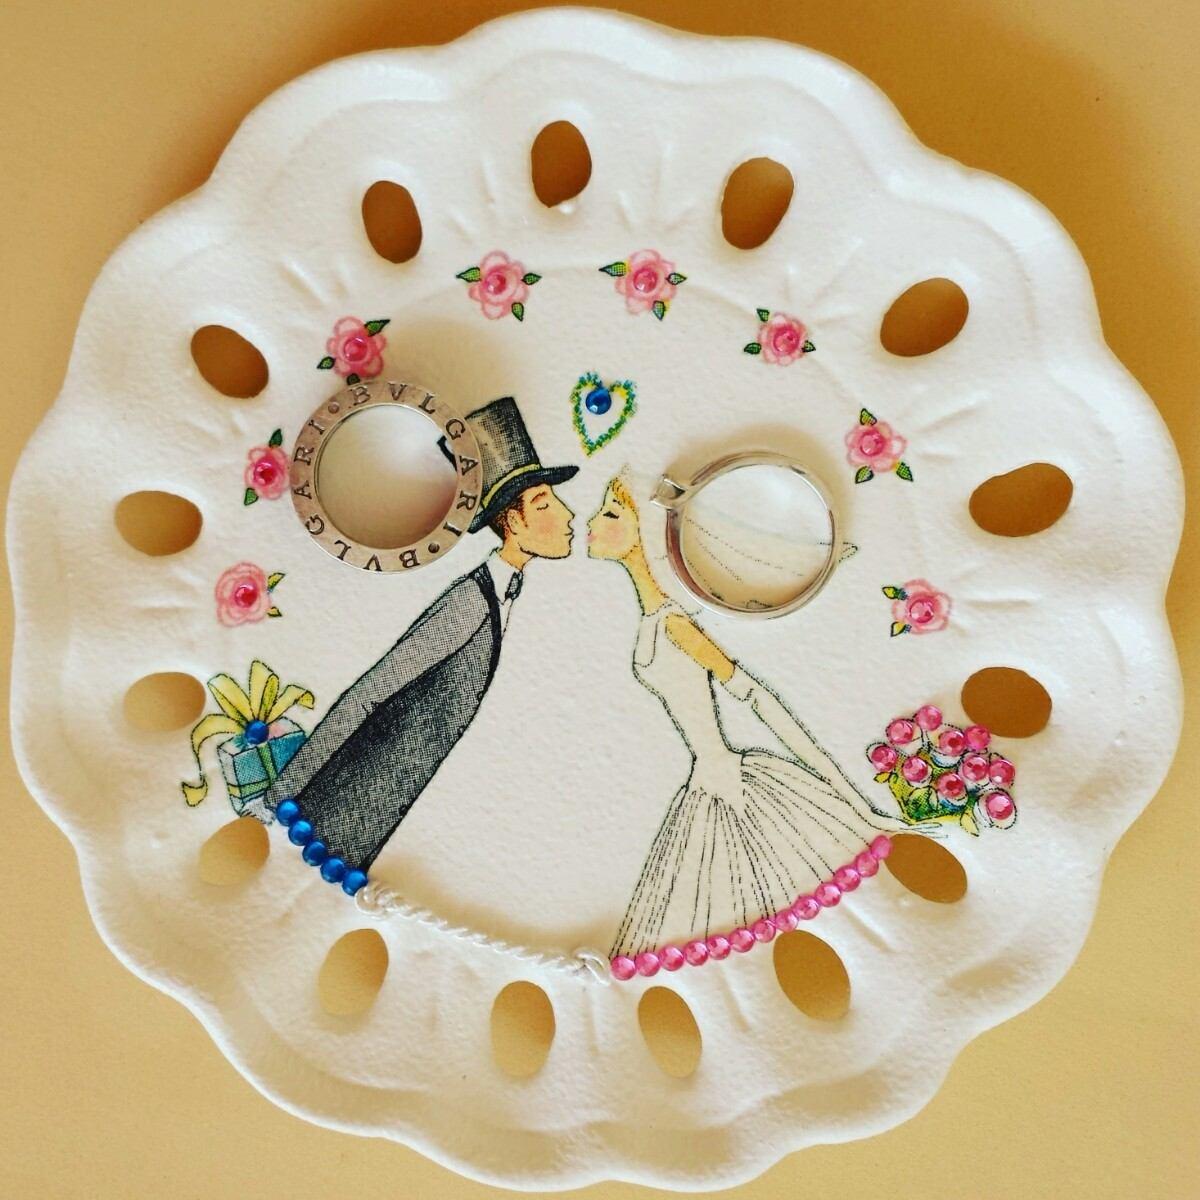 Plato del anillo de bodas